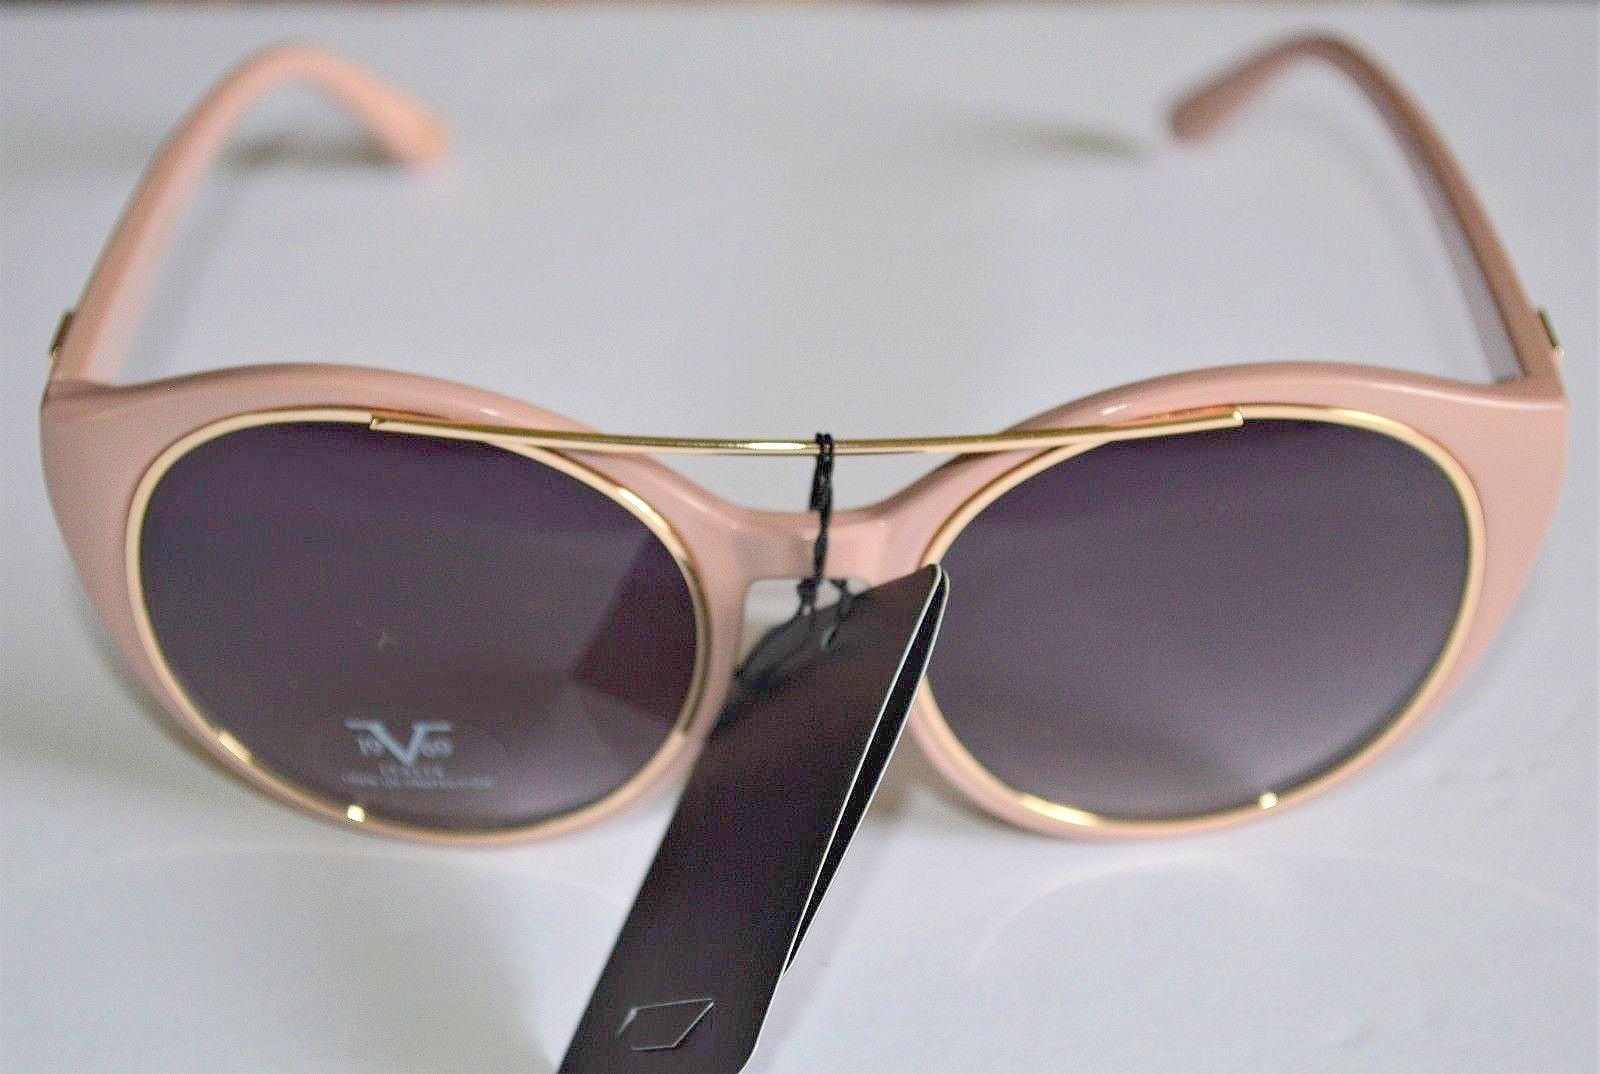 17f5631702be New V1969 ITALIA Sunglasses VERSACE 1969 Abbigliamento